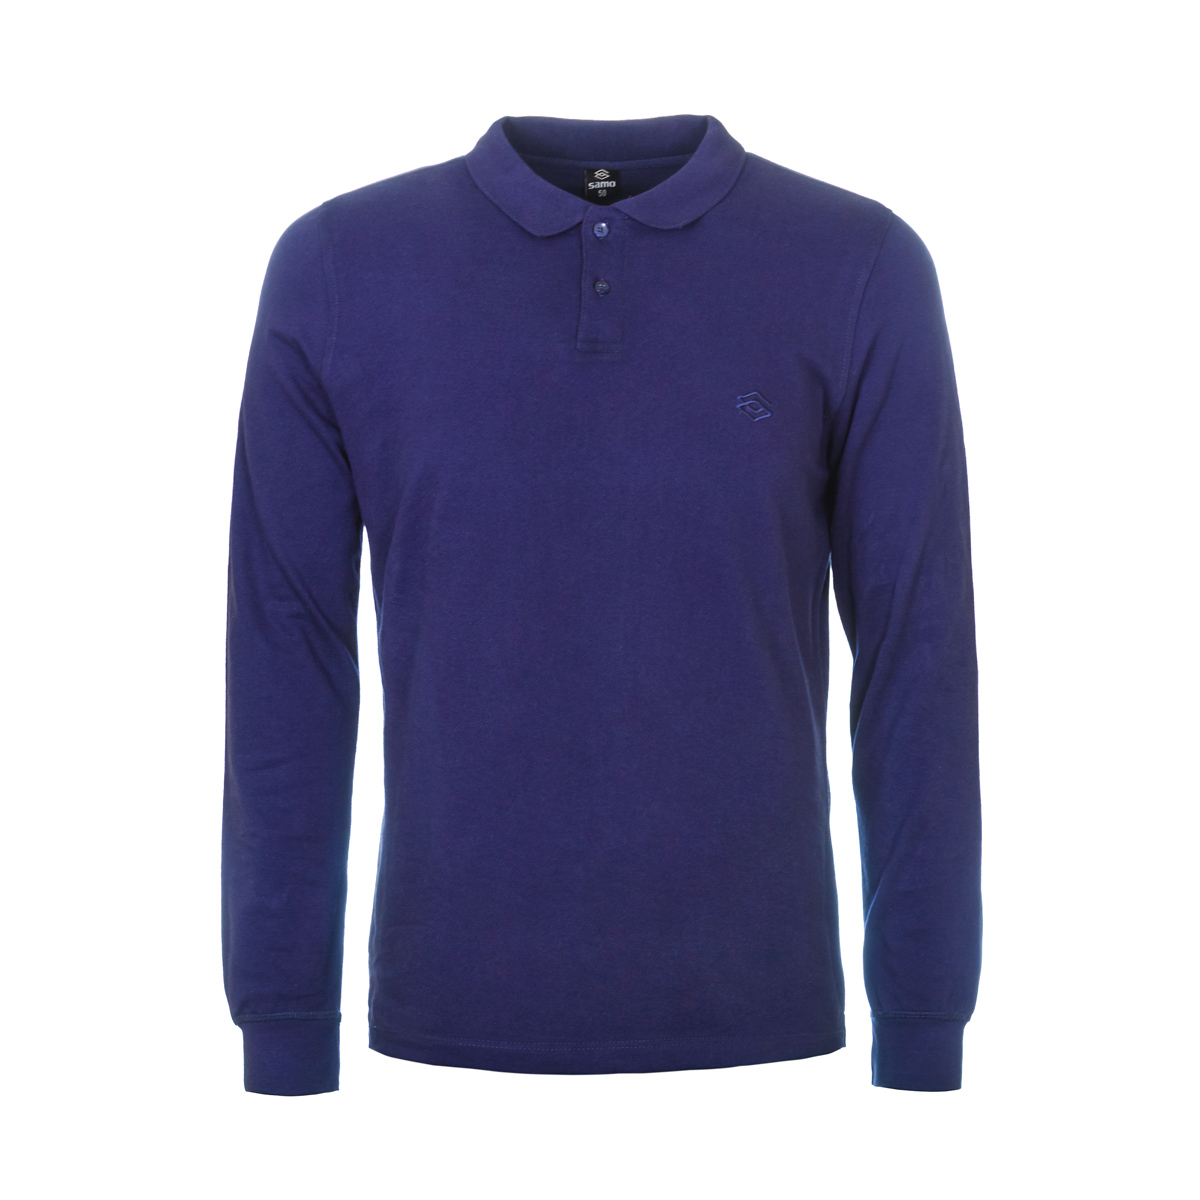 Муж. кофта арт. 04-0041 Темно-синий р. 46Толстовки, джемпера и рубашки<br>Фактический ОГ:96 см<br>Фактический ОТ:96 см<br>Фактический ОБ:96 см<br>Длина рукава:60 см<br>Длина по спинке:64 см<br>Рост:172-180 см<br><br>Тип: Муж. кофта<br>Размер: 46<br>Материал: Пике